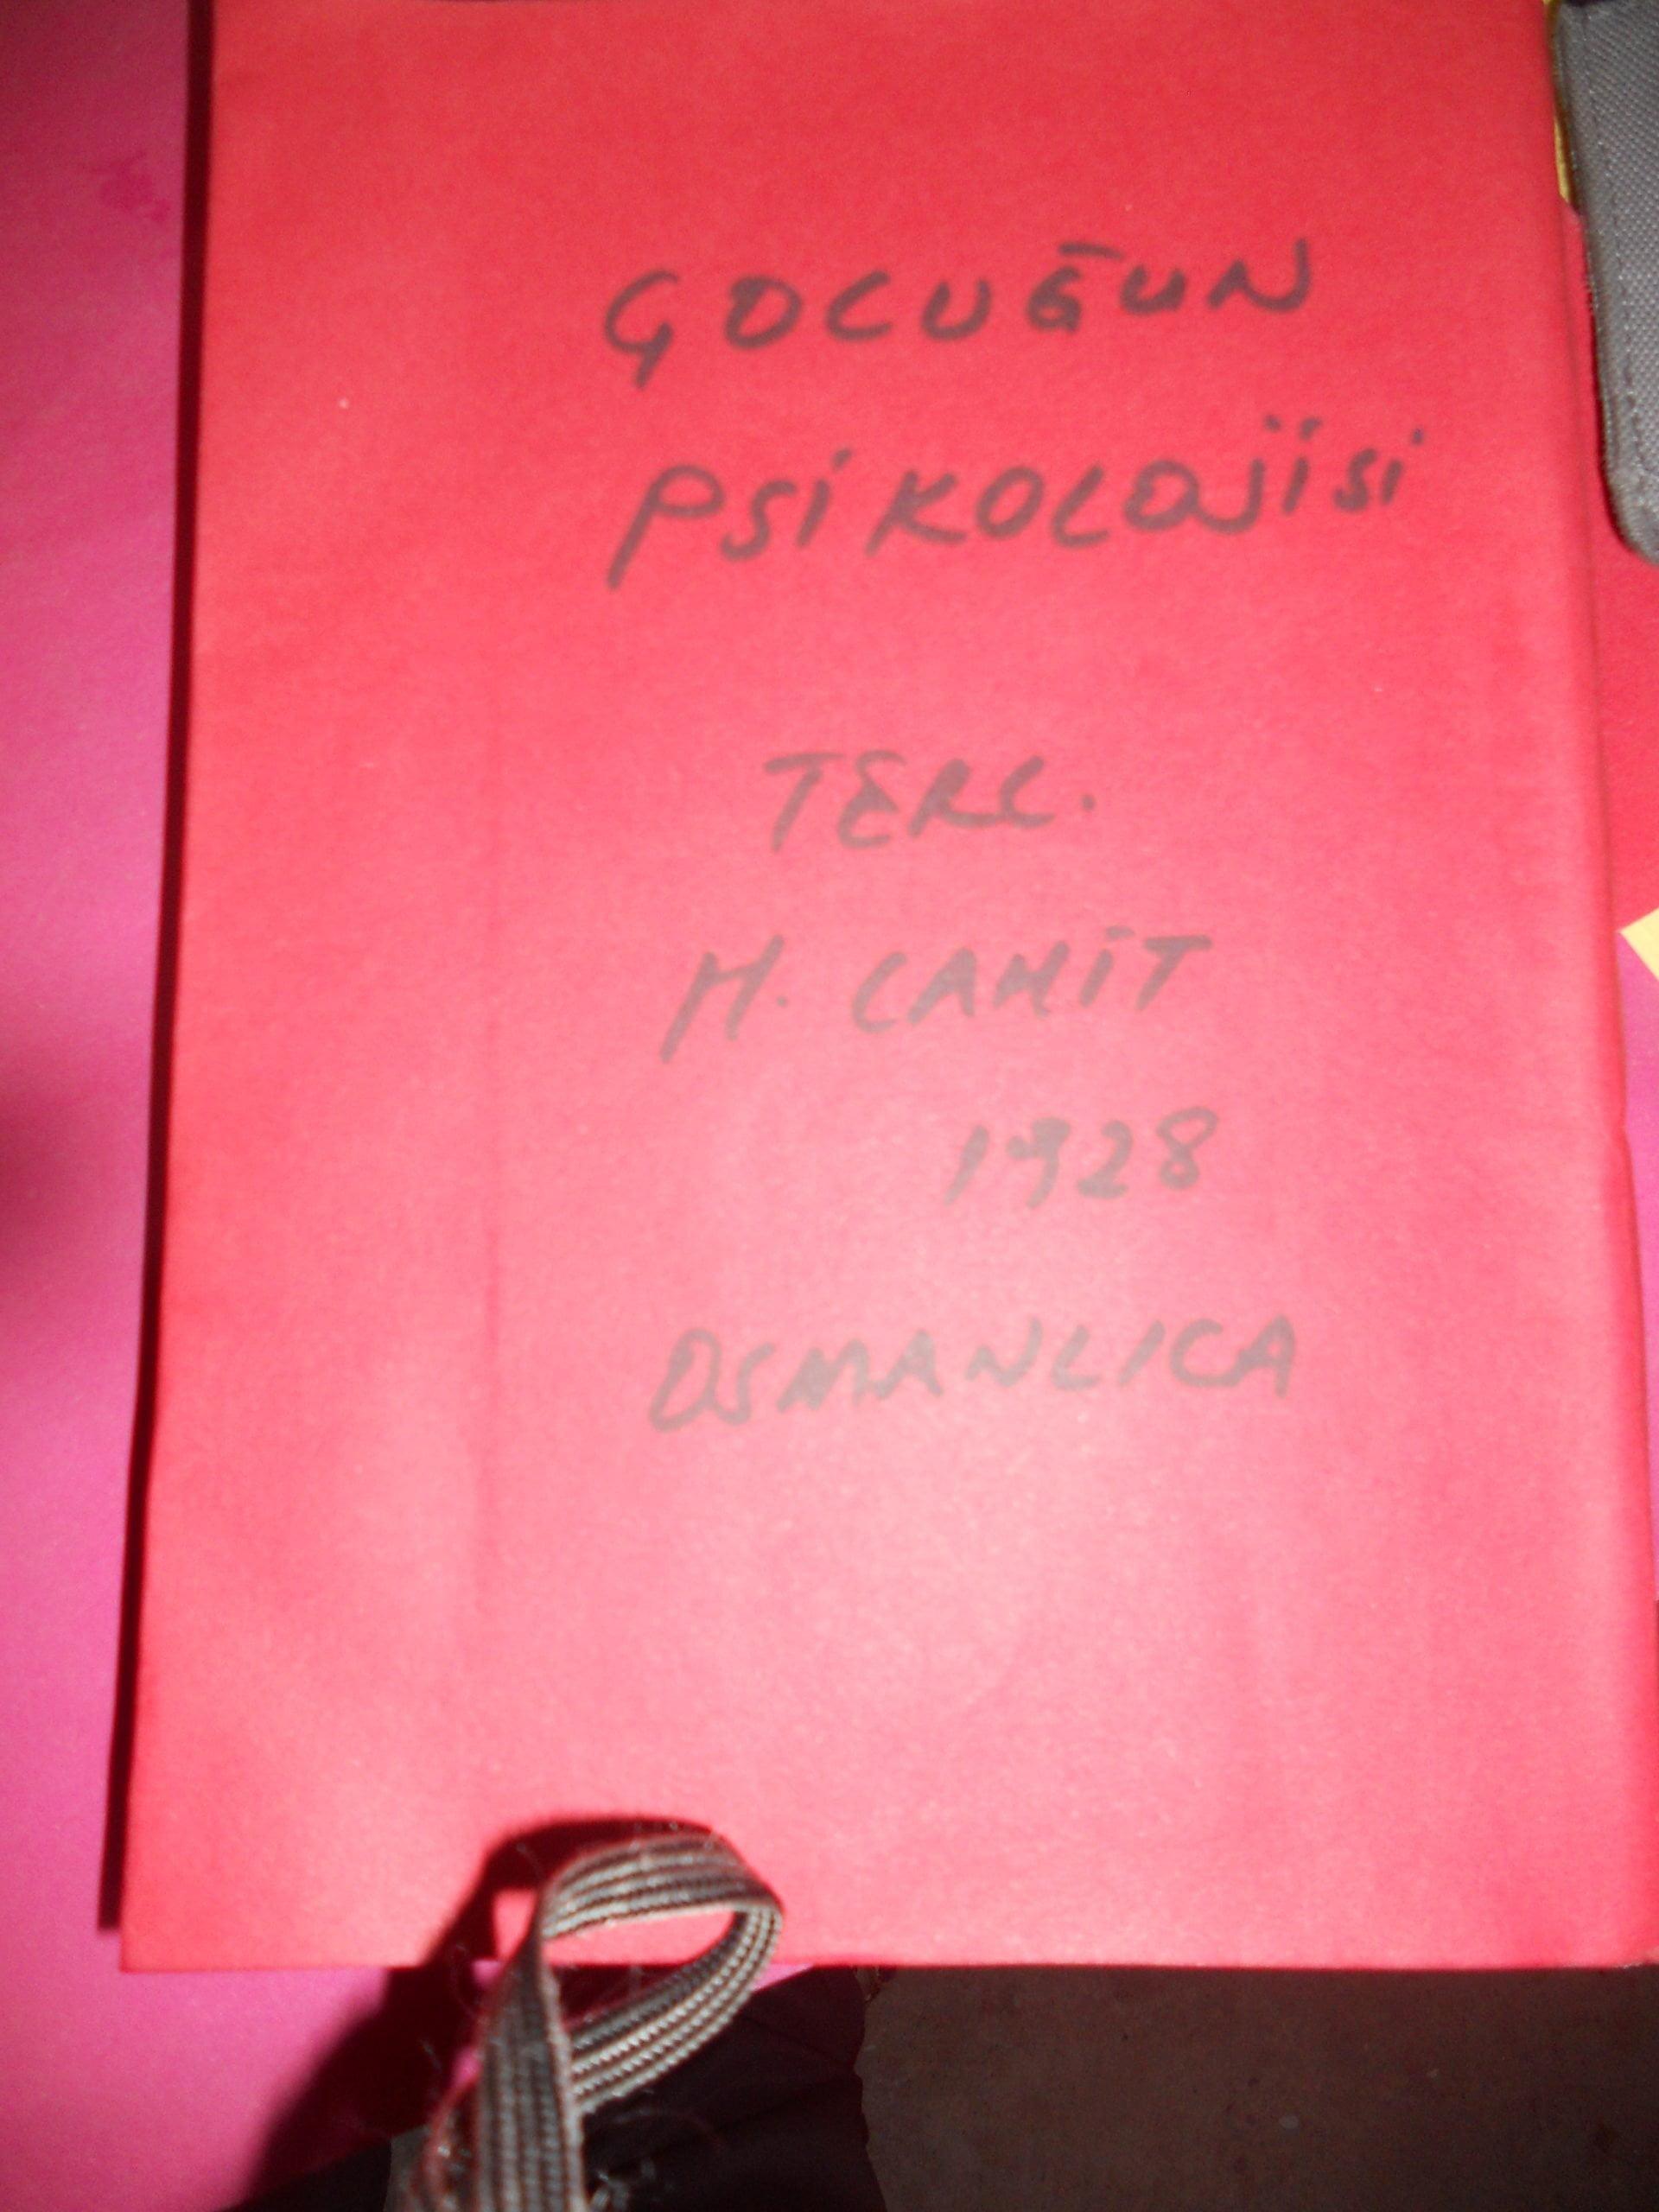 ÇOCUK PSİKOLOJİSİ VE TECRÜBİ PEDAGOJİ/ Eduard Claparede